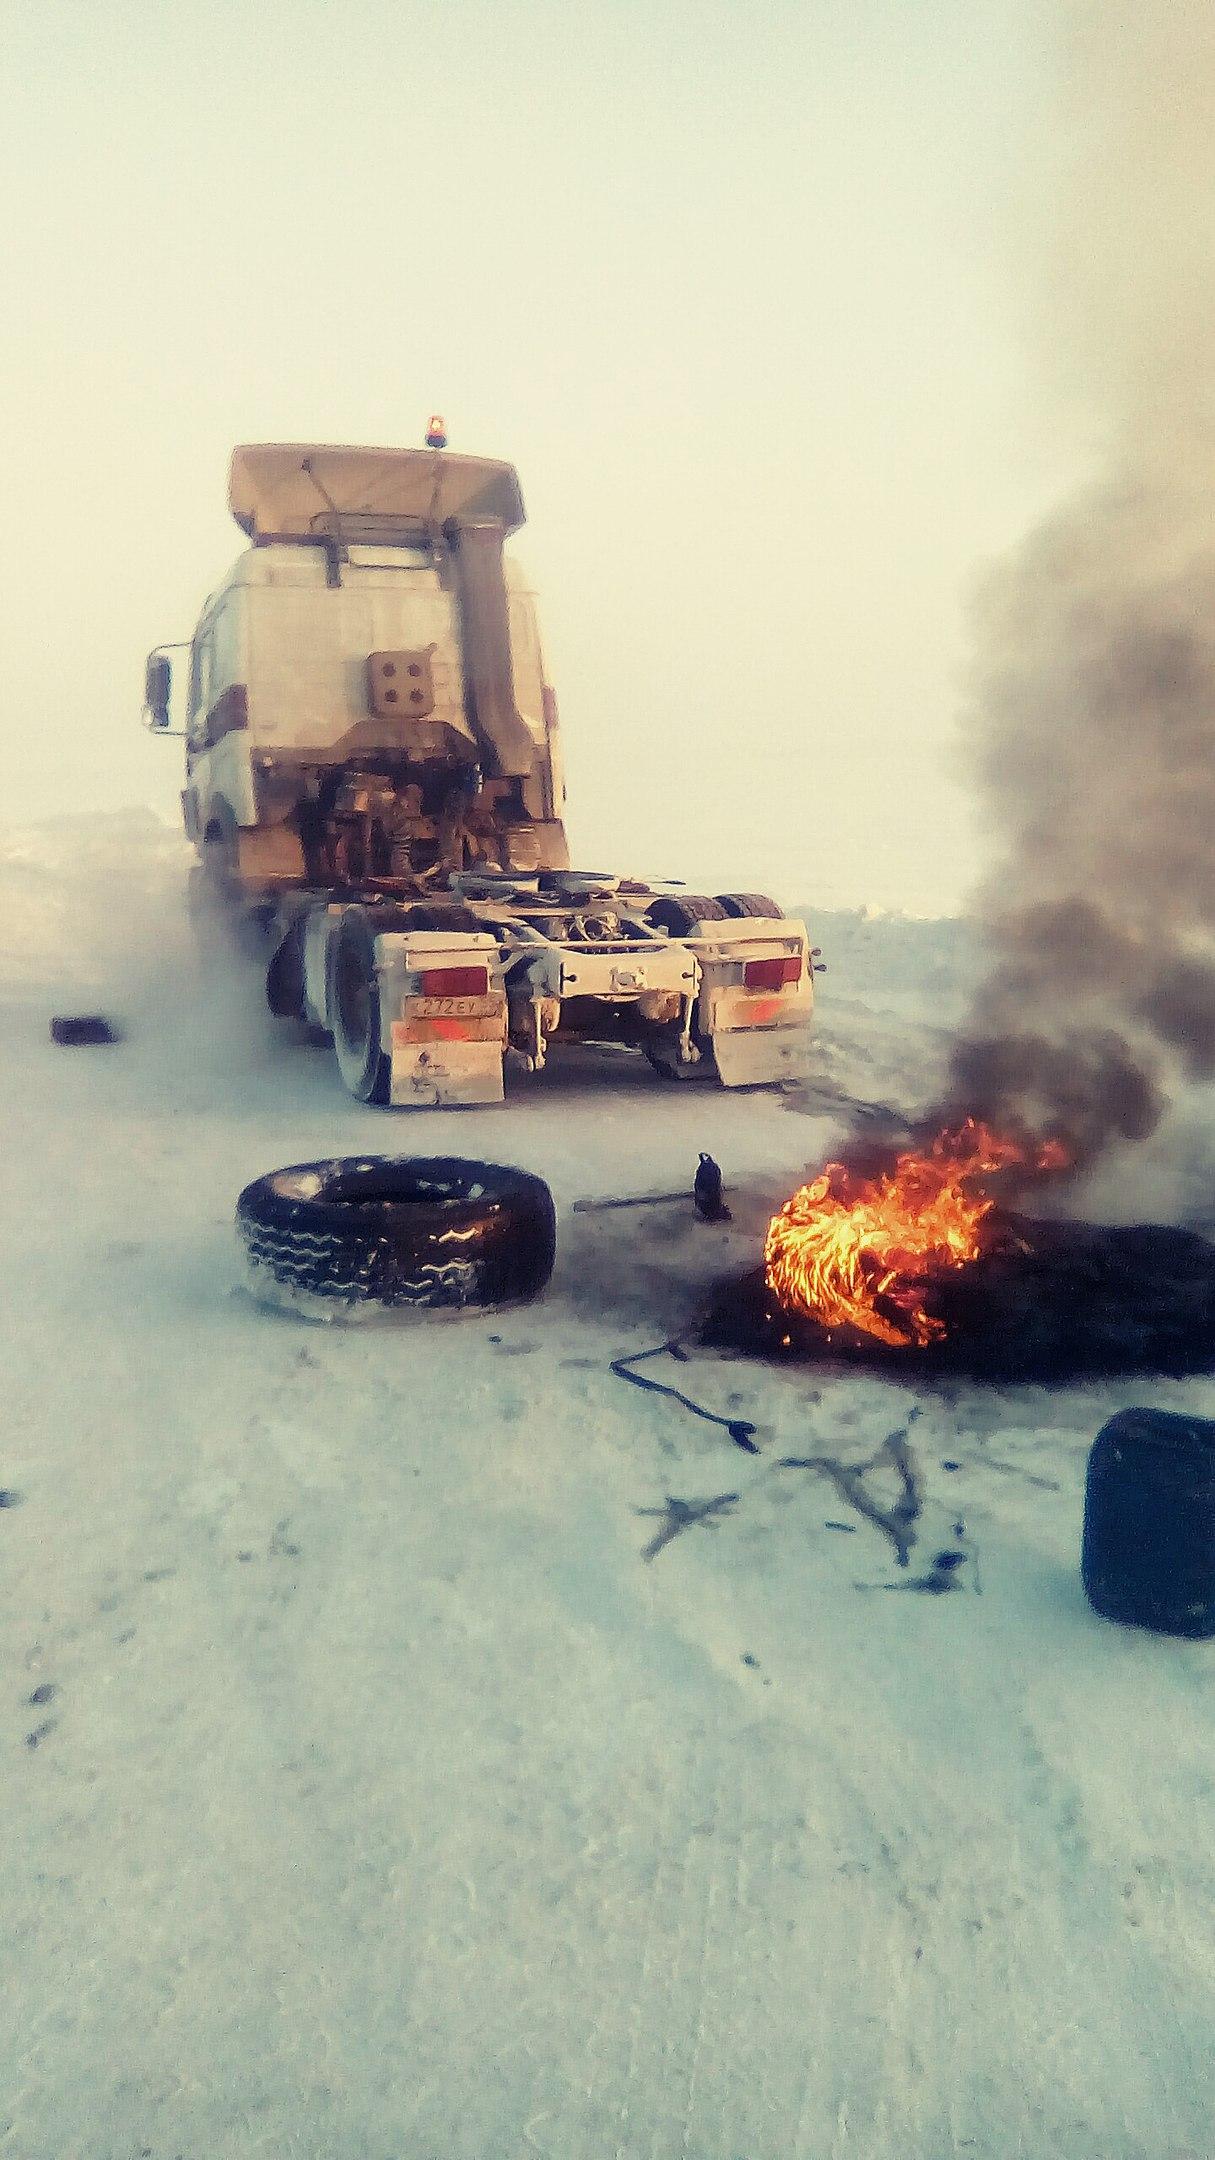 Дальнобойщики под Норильском декабрь 2016